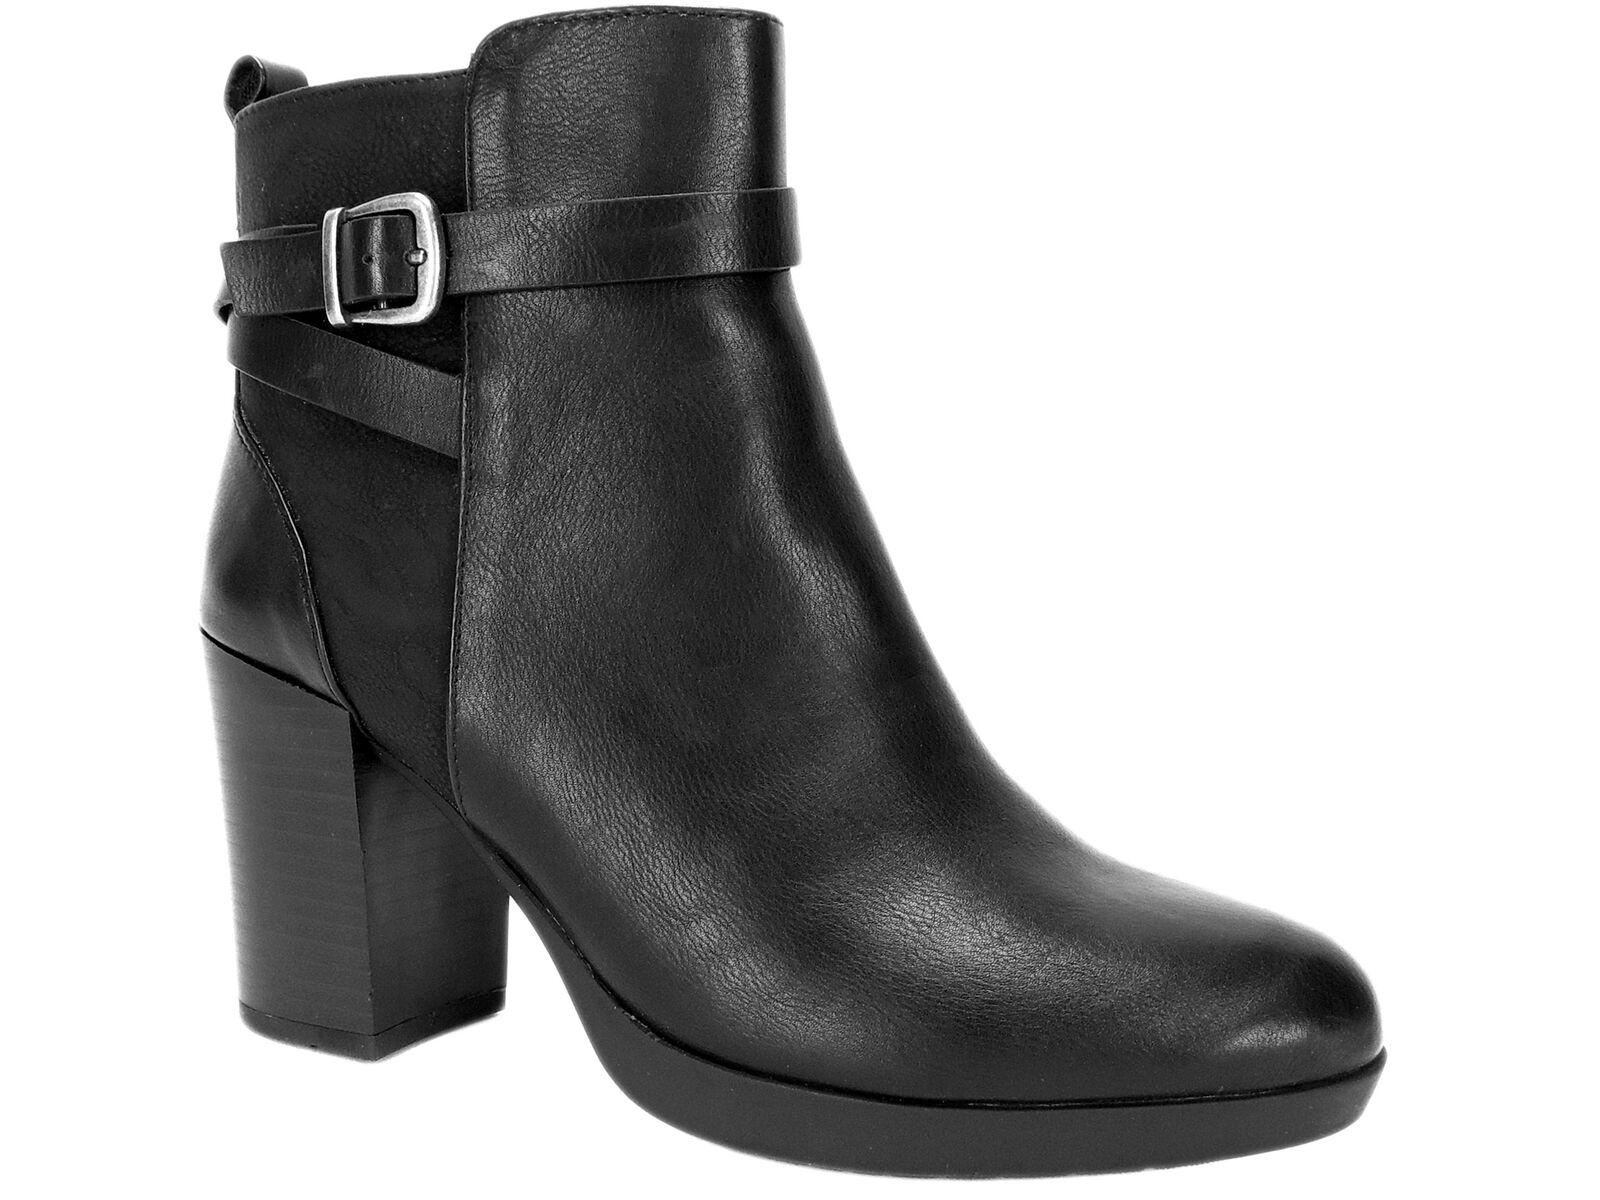 White Mountain Women's Cayden Block Heel Booties Black Size 7.5 M